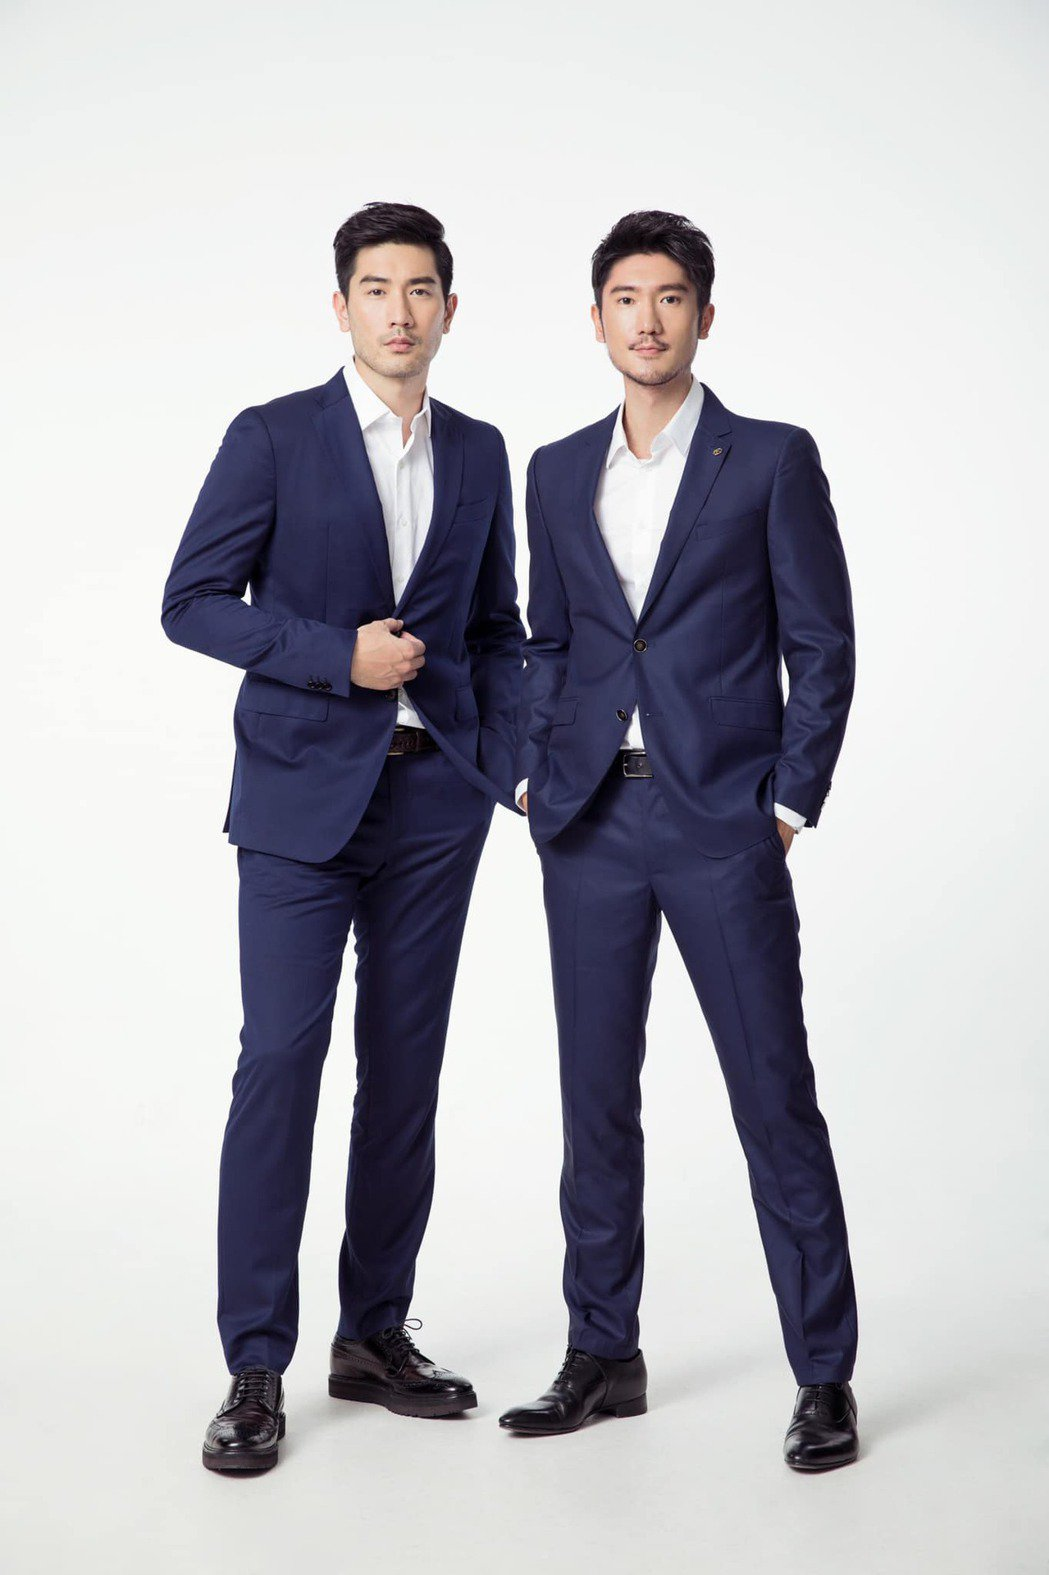 高以翔(左)與二哥高宇橋長相、聲音都很像。圖/摘自臉書